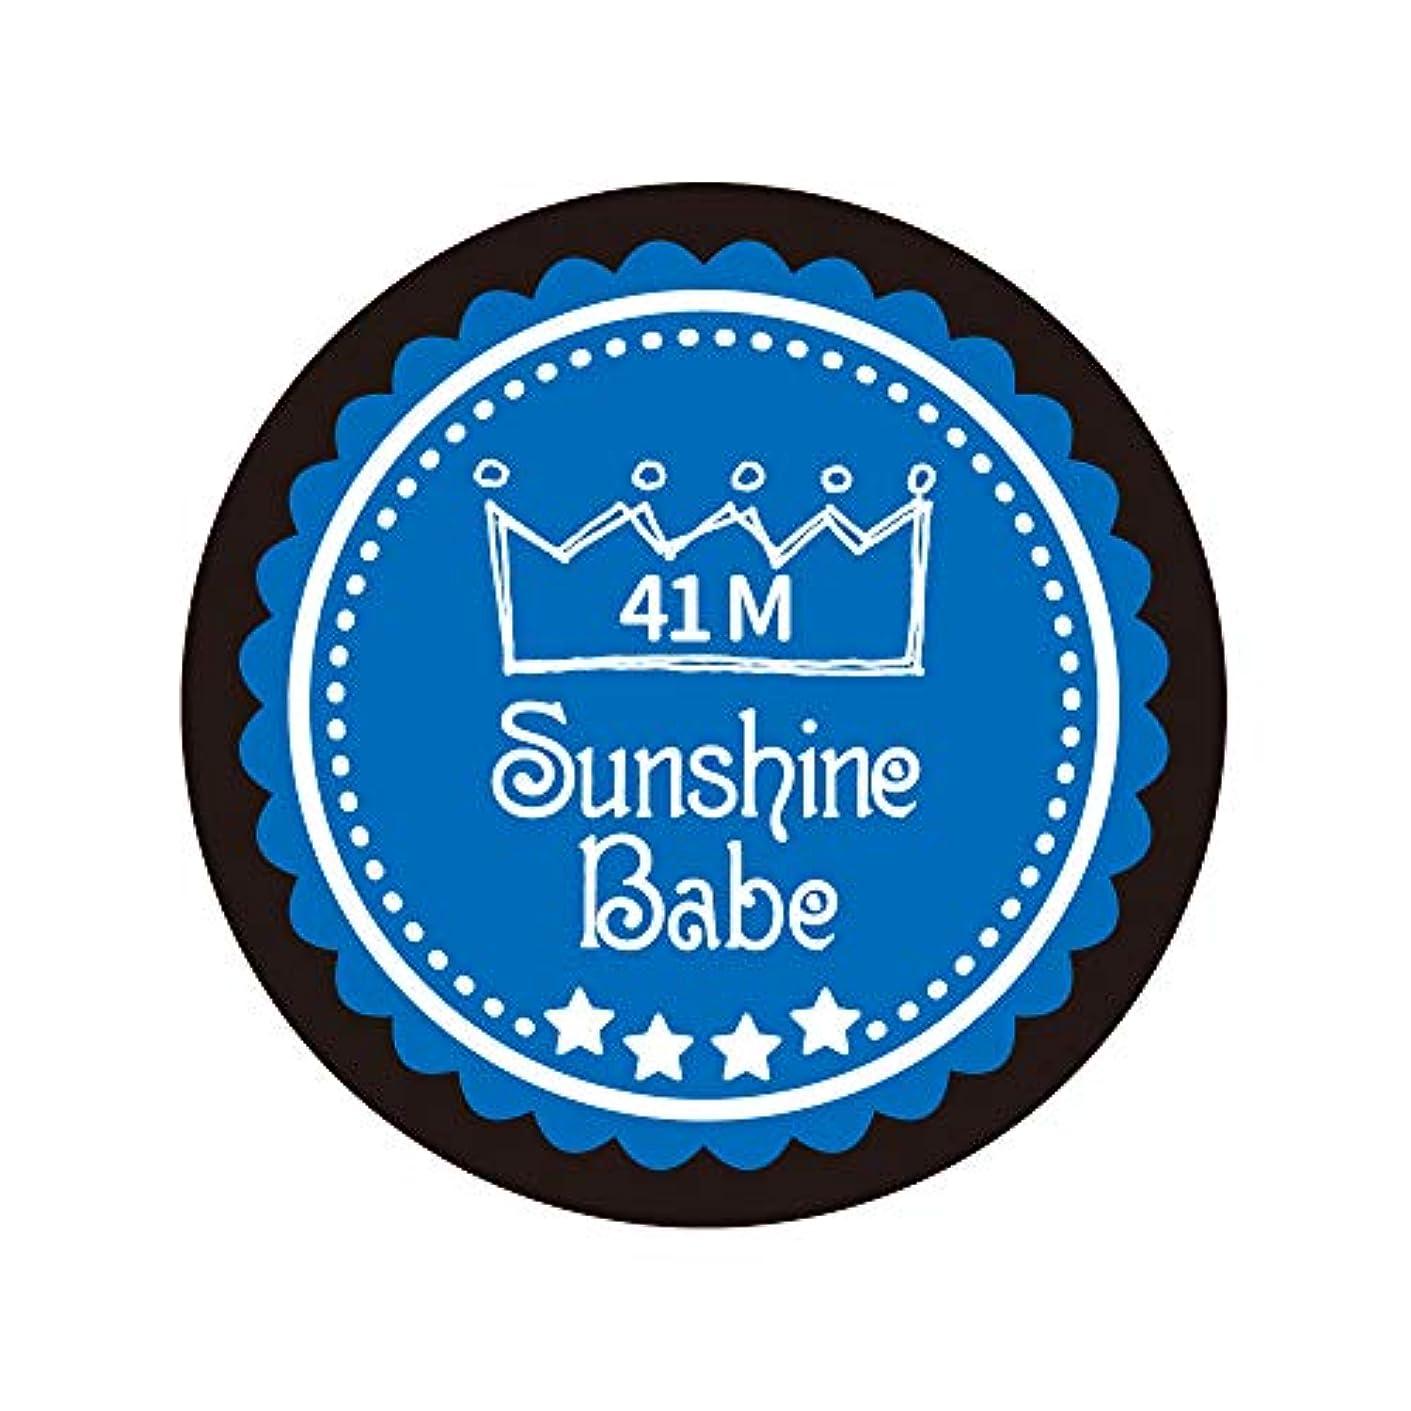 アトラスまた明日ねマーティンルーサーキングジュニアSunshine Babe カラージェル 41M ネブラスブルー 4g UV/LED対応